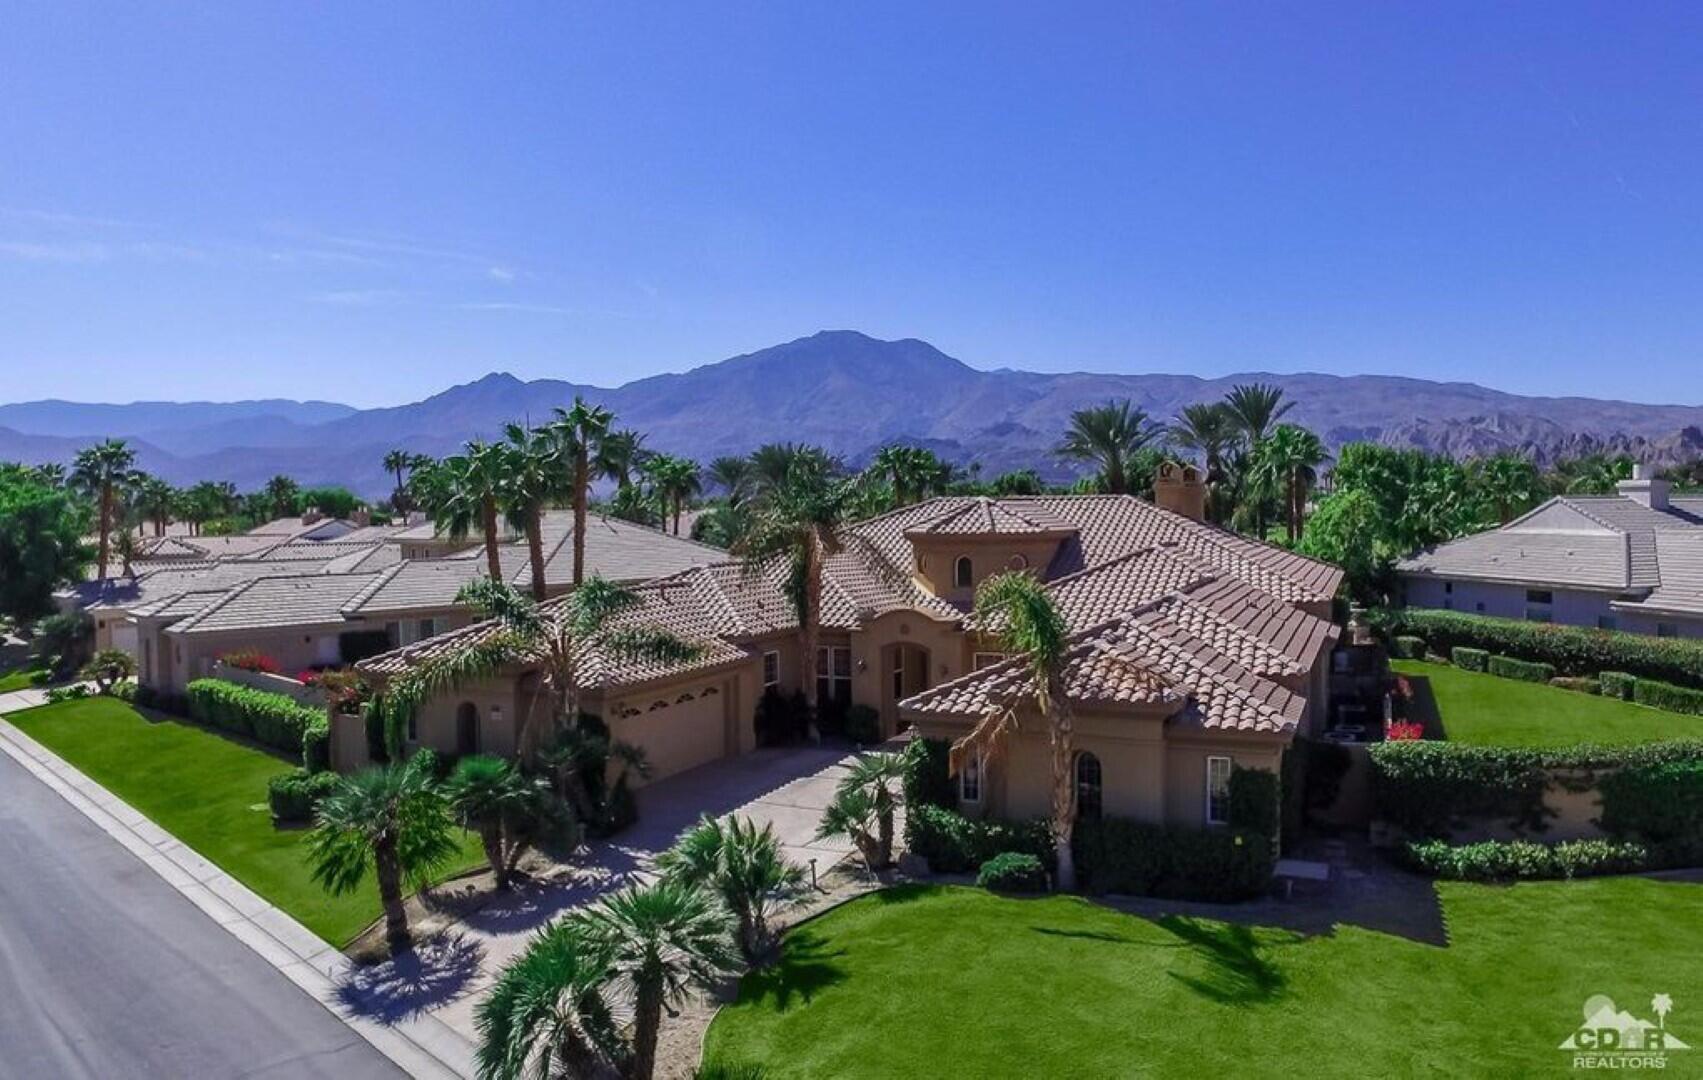 Photo of 56405 Mountain View Drive, La Quinta, CA 92253